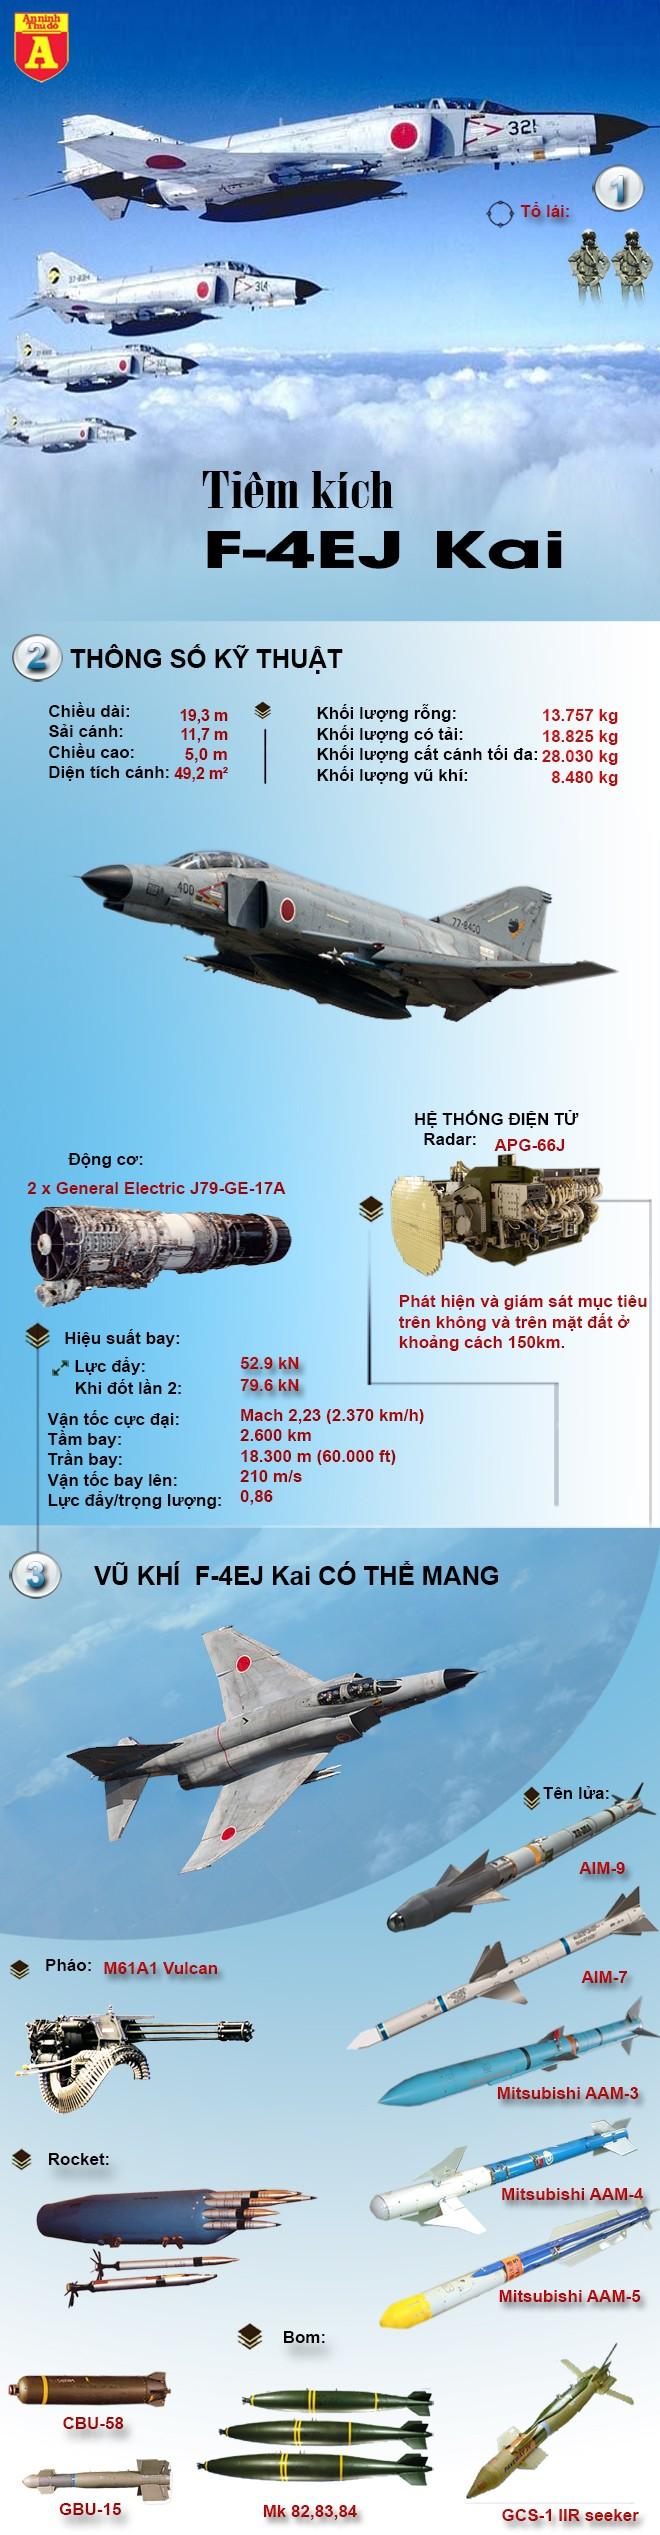 """[Infographic] Nhật Bản nâng cấp """"Bóng ma"""" F-4, đủ sức bẻ gãy J-10 Trung Quốc ảnh 2"""